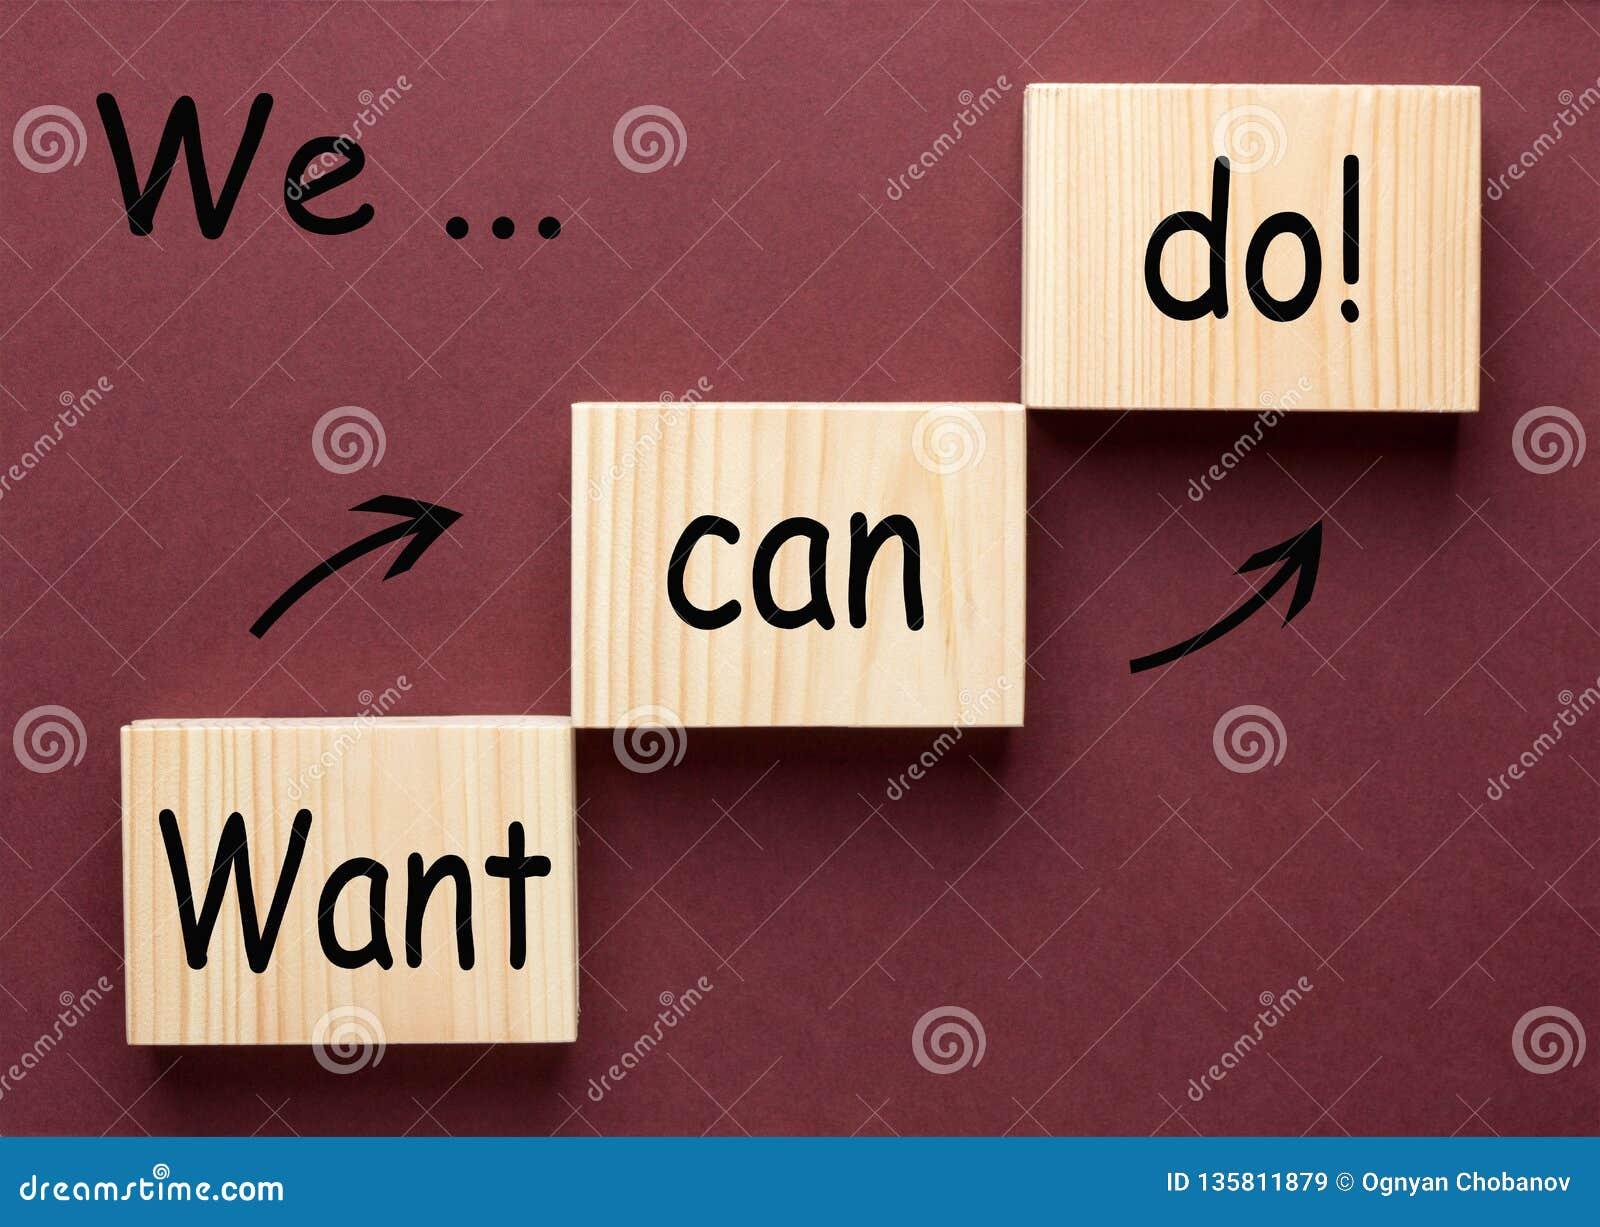 Want può fare il concetto